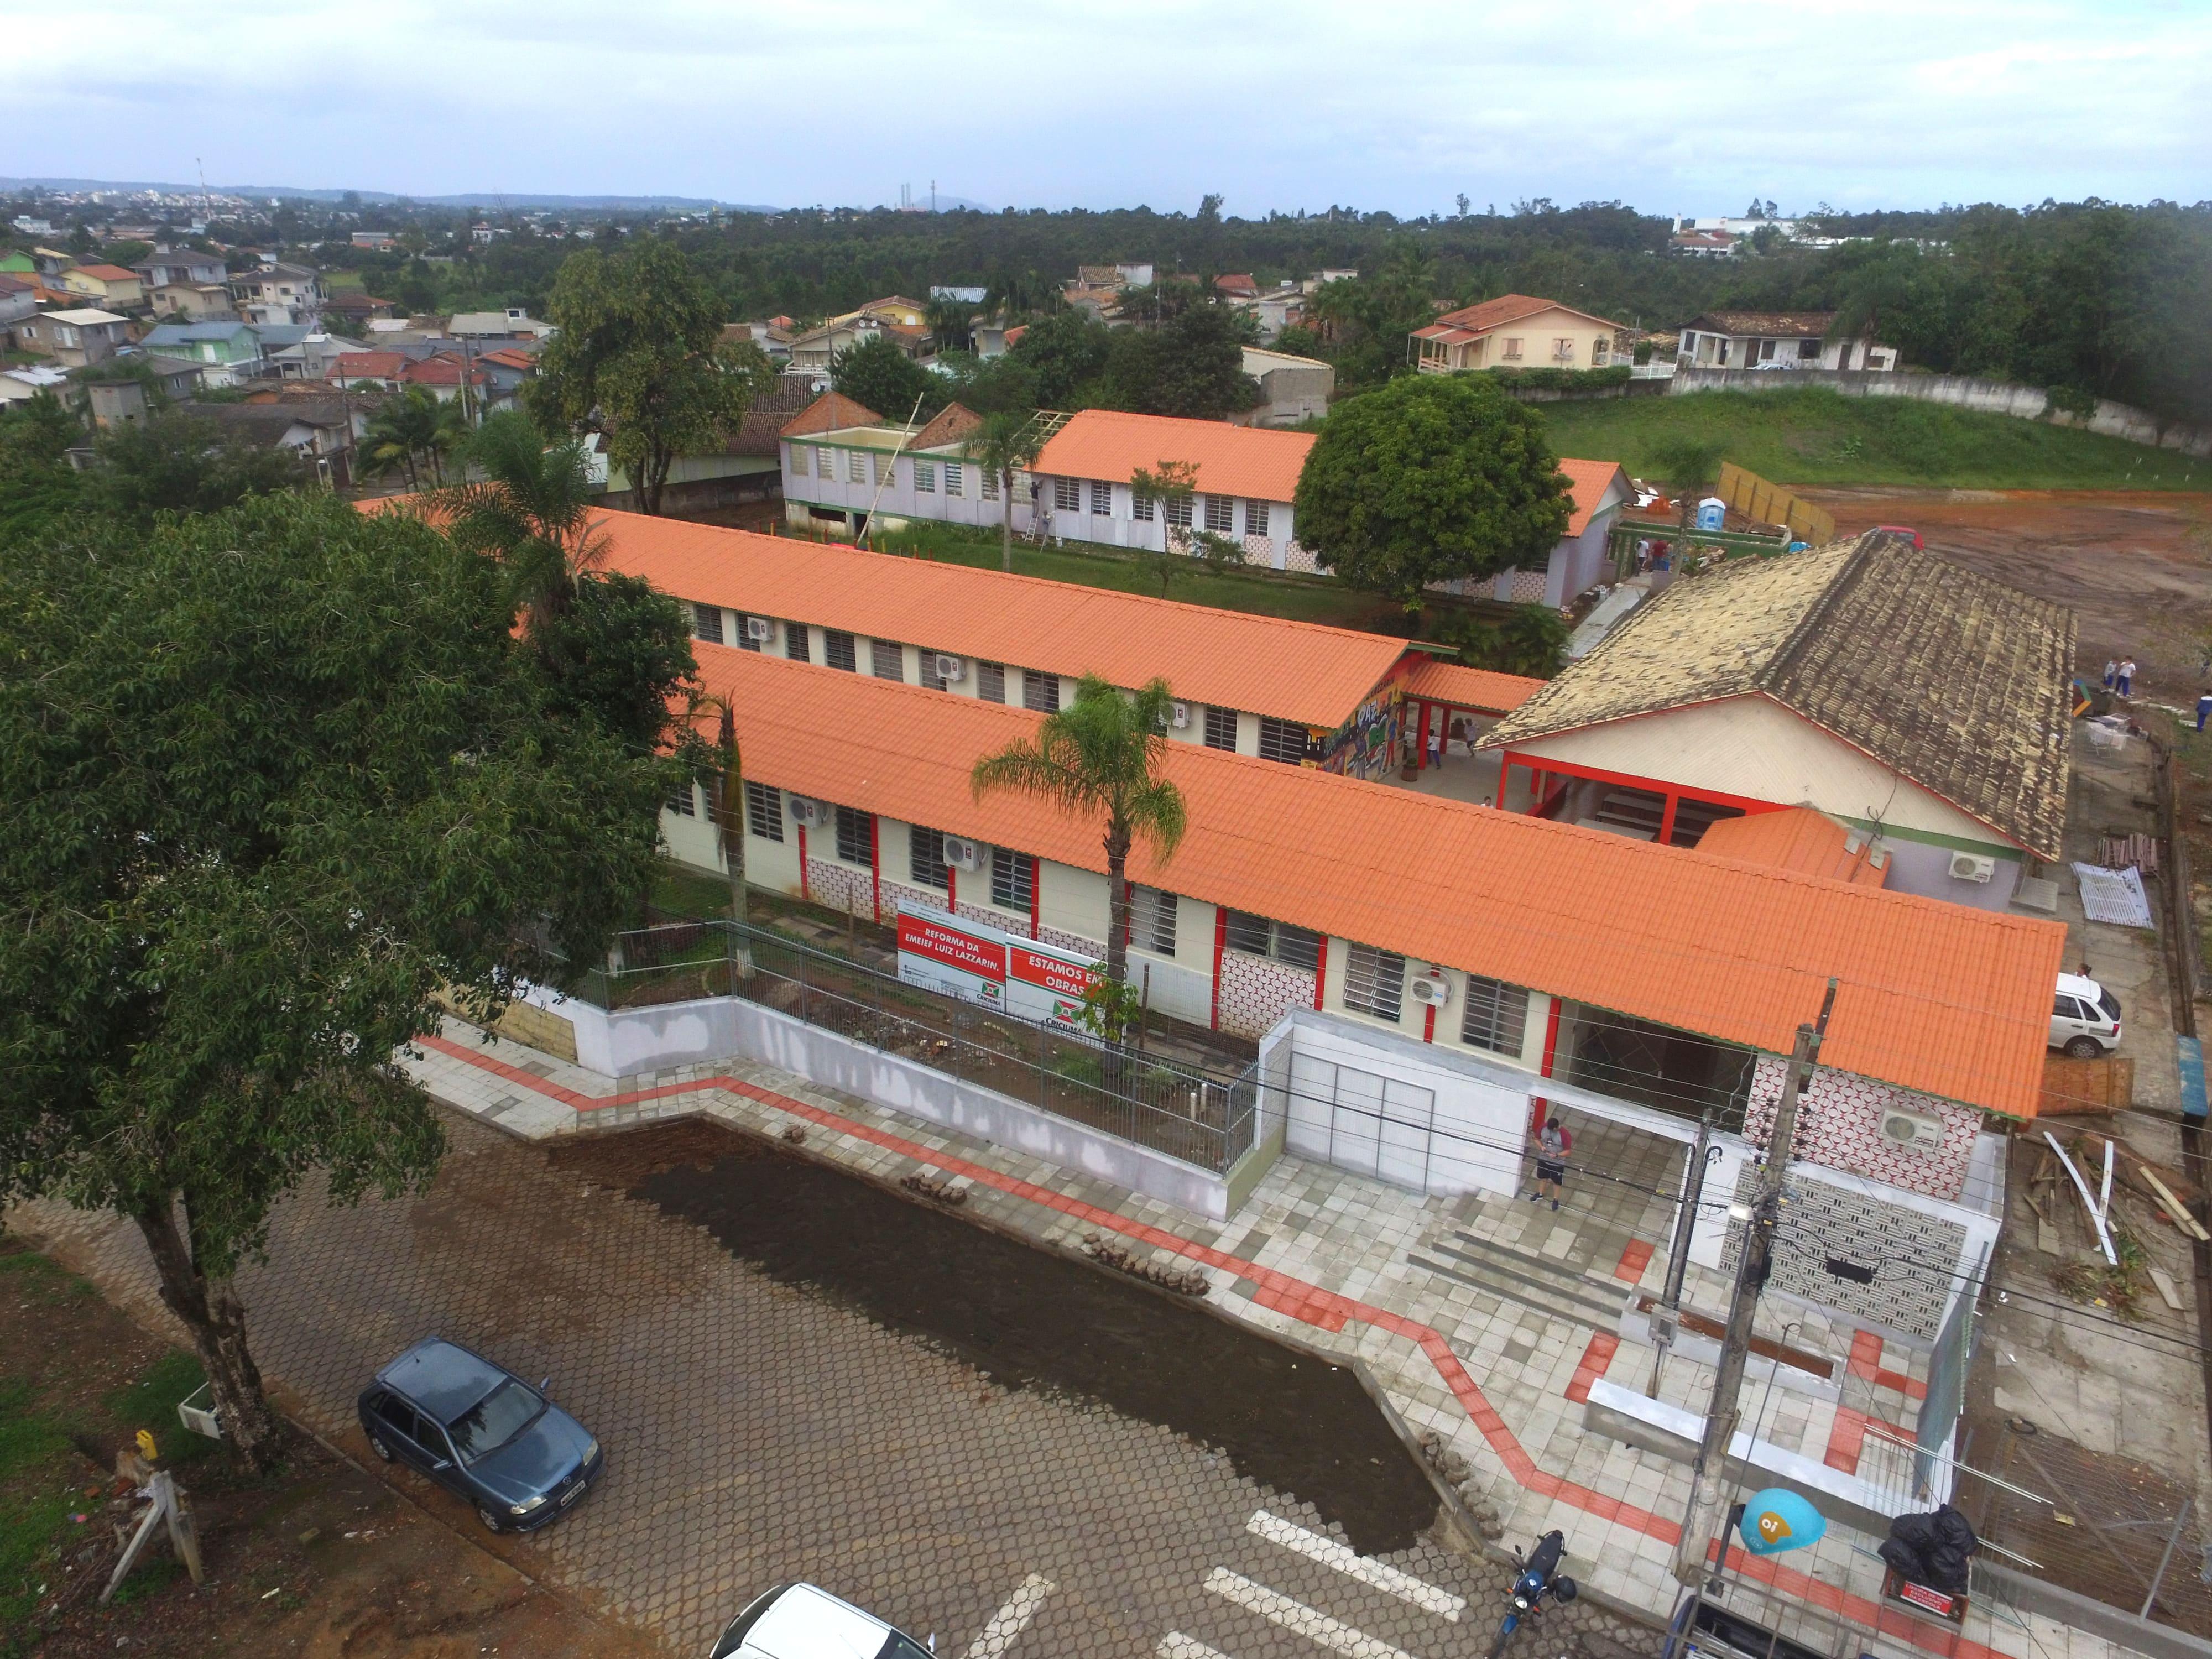 Prefeitura de Criciúma intensifica preparativos para inauguração da Escola Municipal Luiz Lazzarin